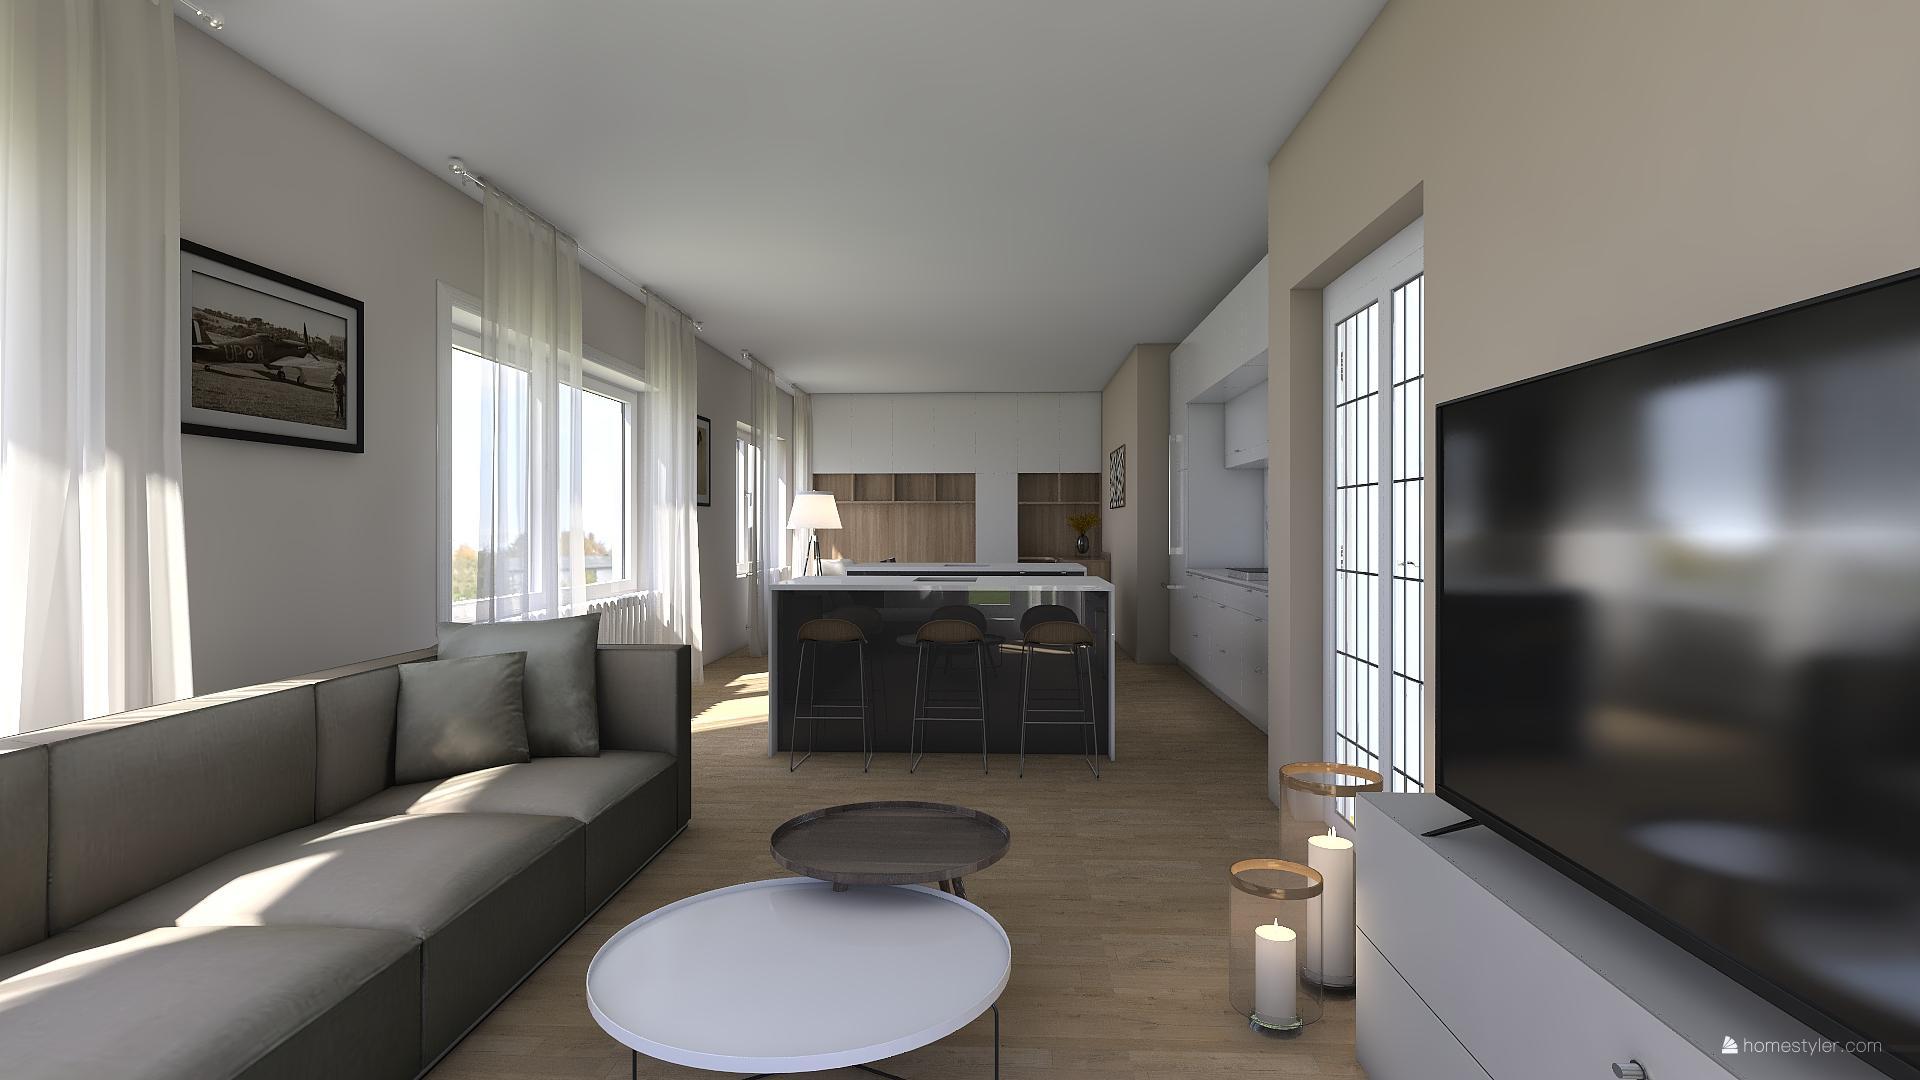 Vizualizace obýváku s kuchyní pro @iuanecka - Obrázek č. 7